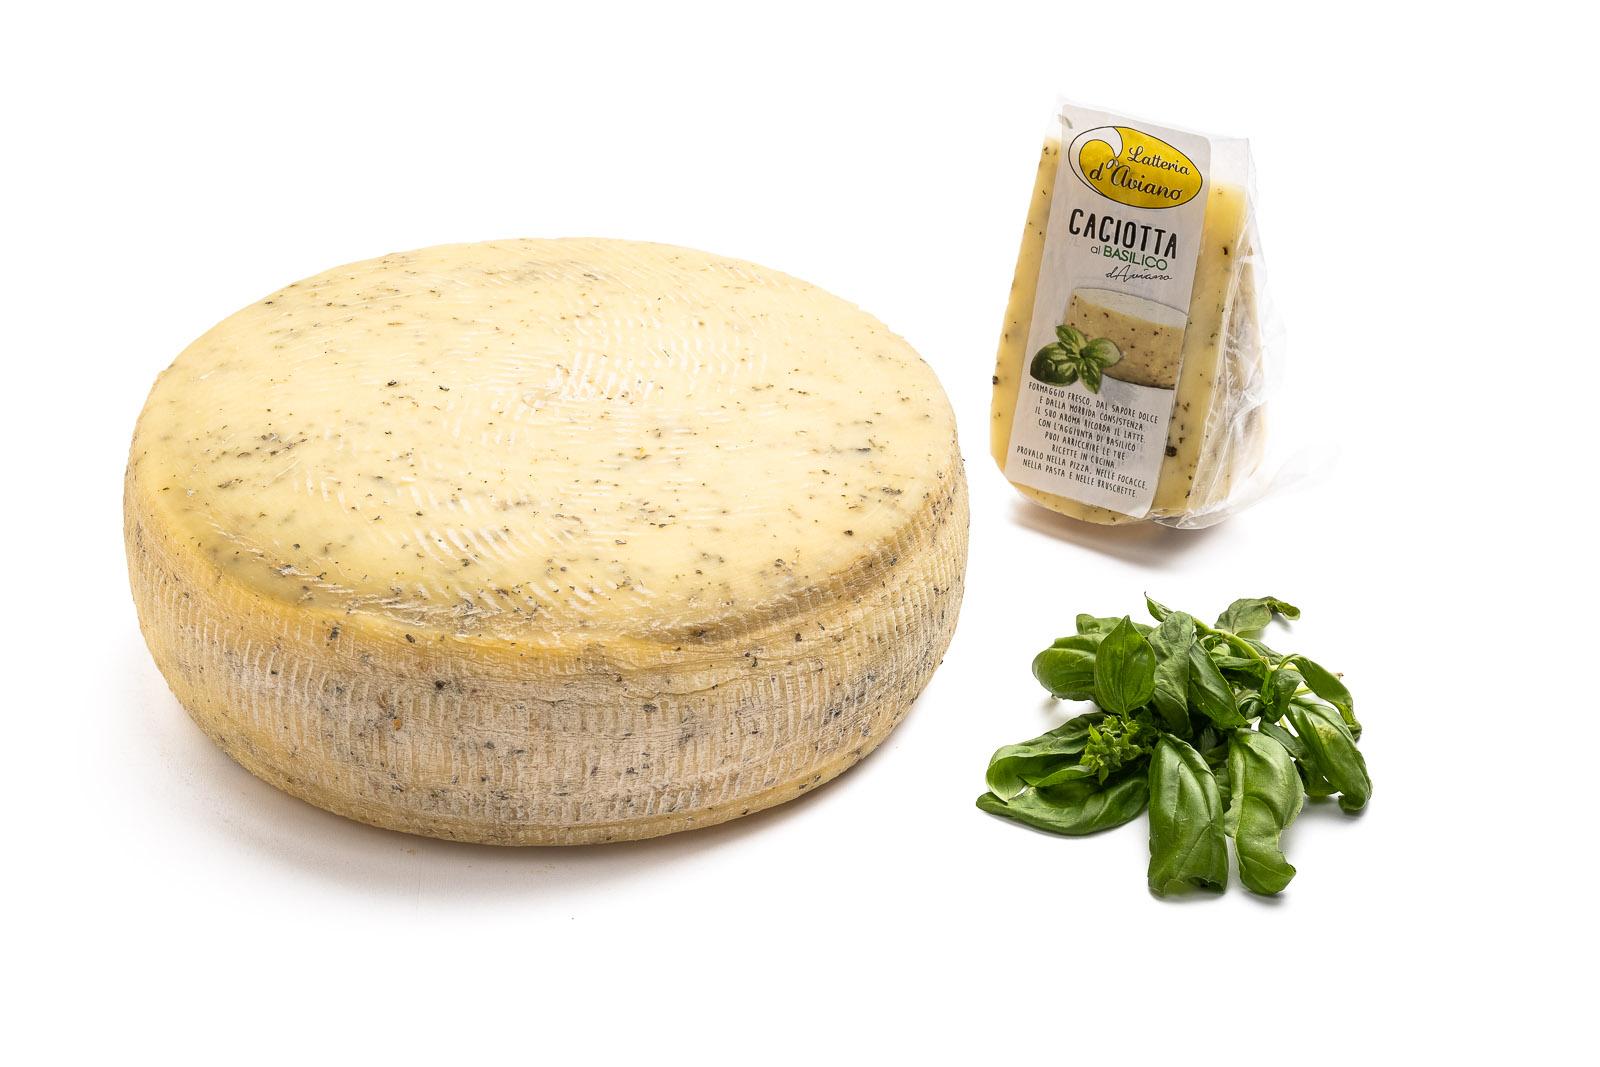 Caciotta d'Aviano basilico - Del Ben formaggi - 2kg